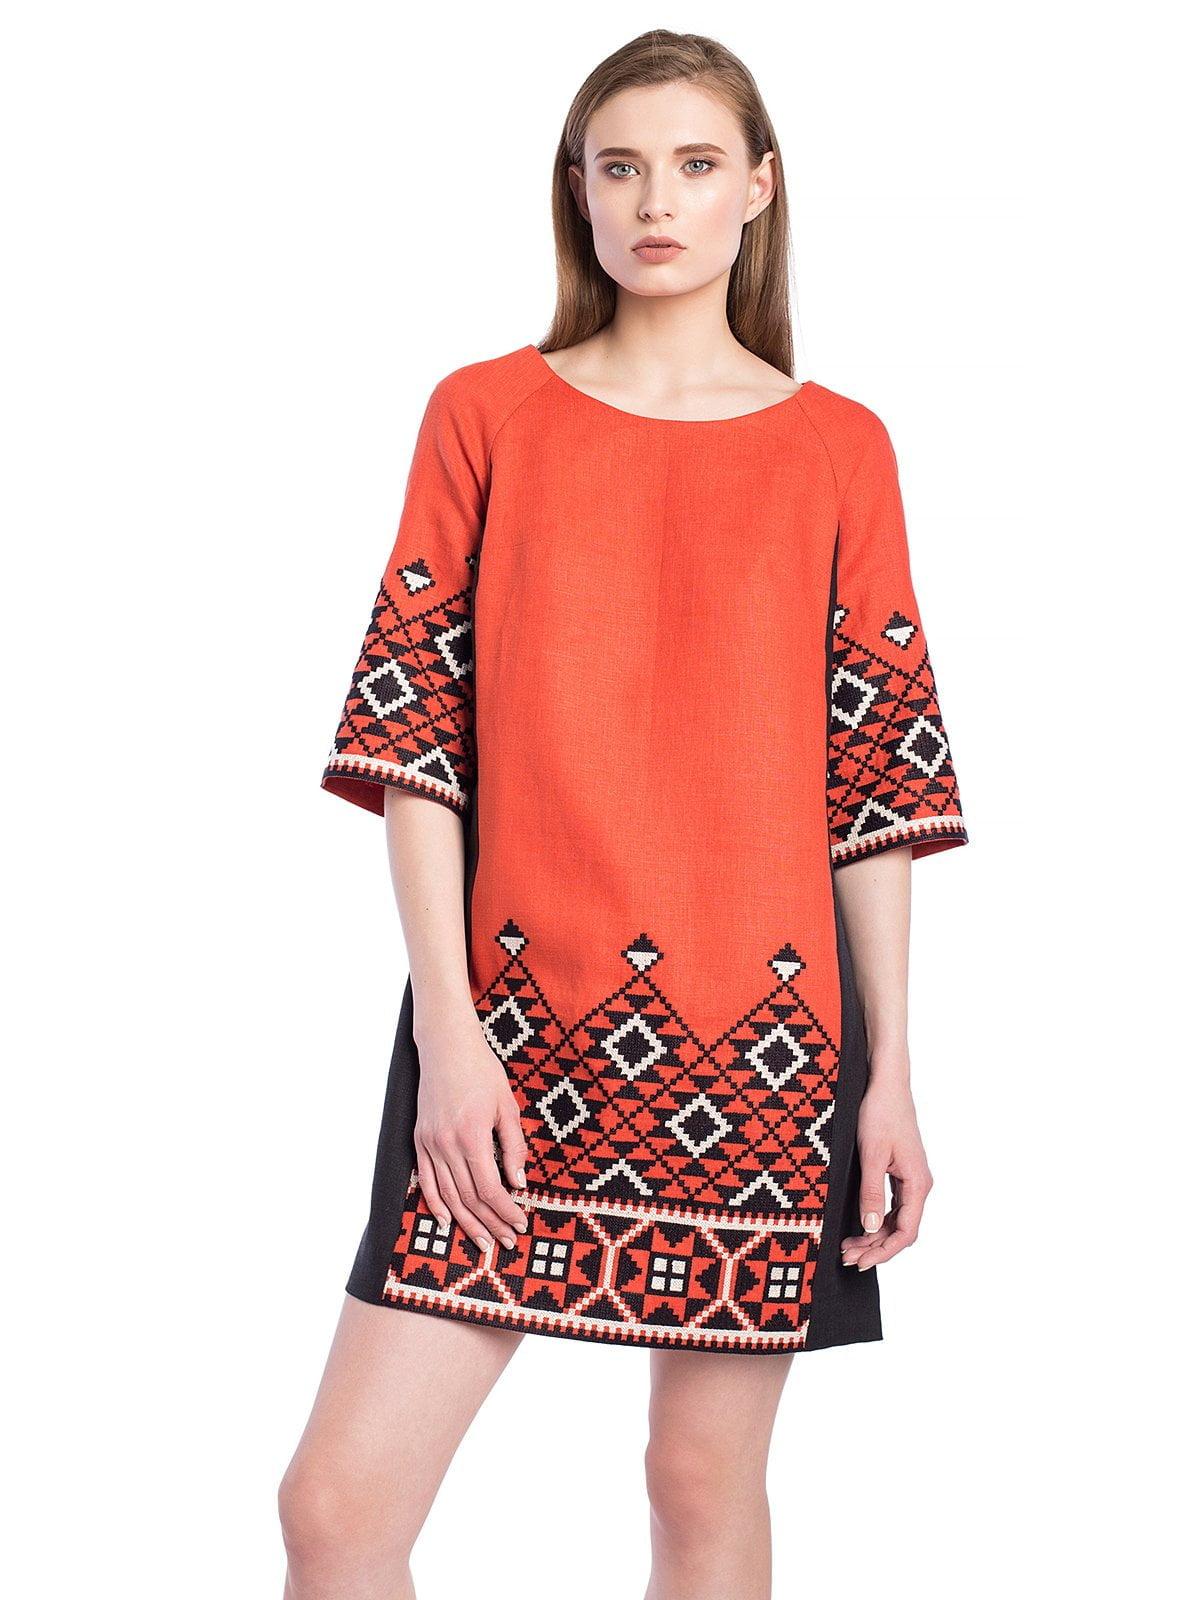 6d2325dc5fae2e Терракотовое льняное платье с геометрической вышивкой ETHNO2 ...